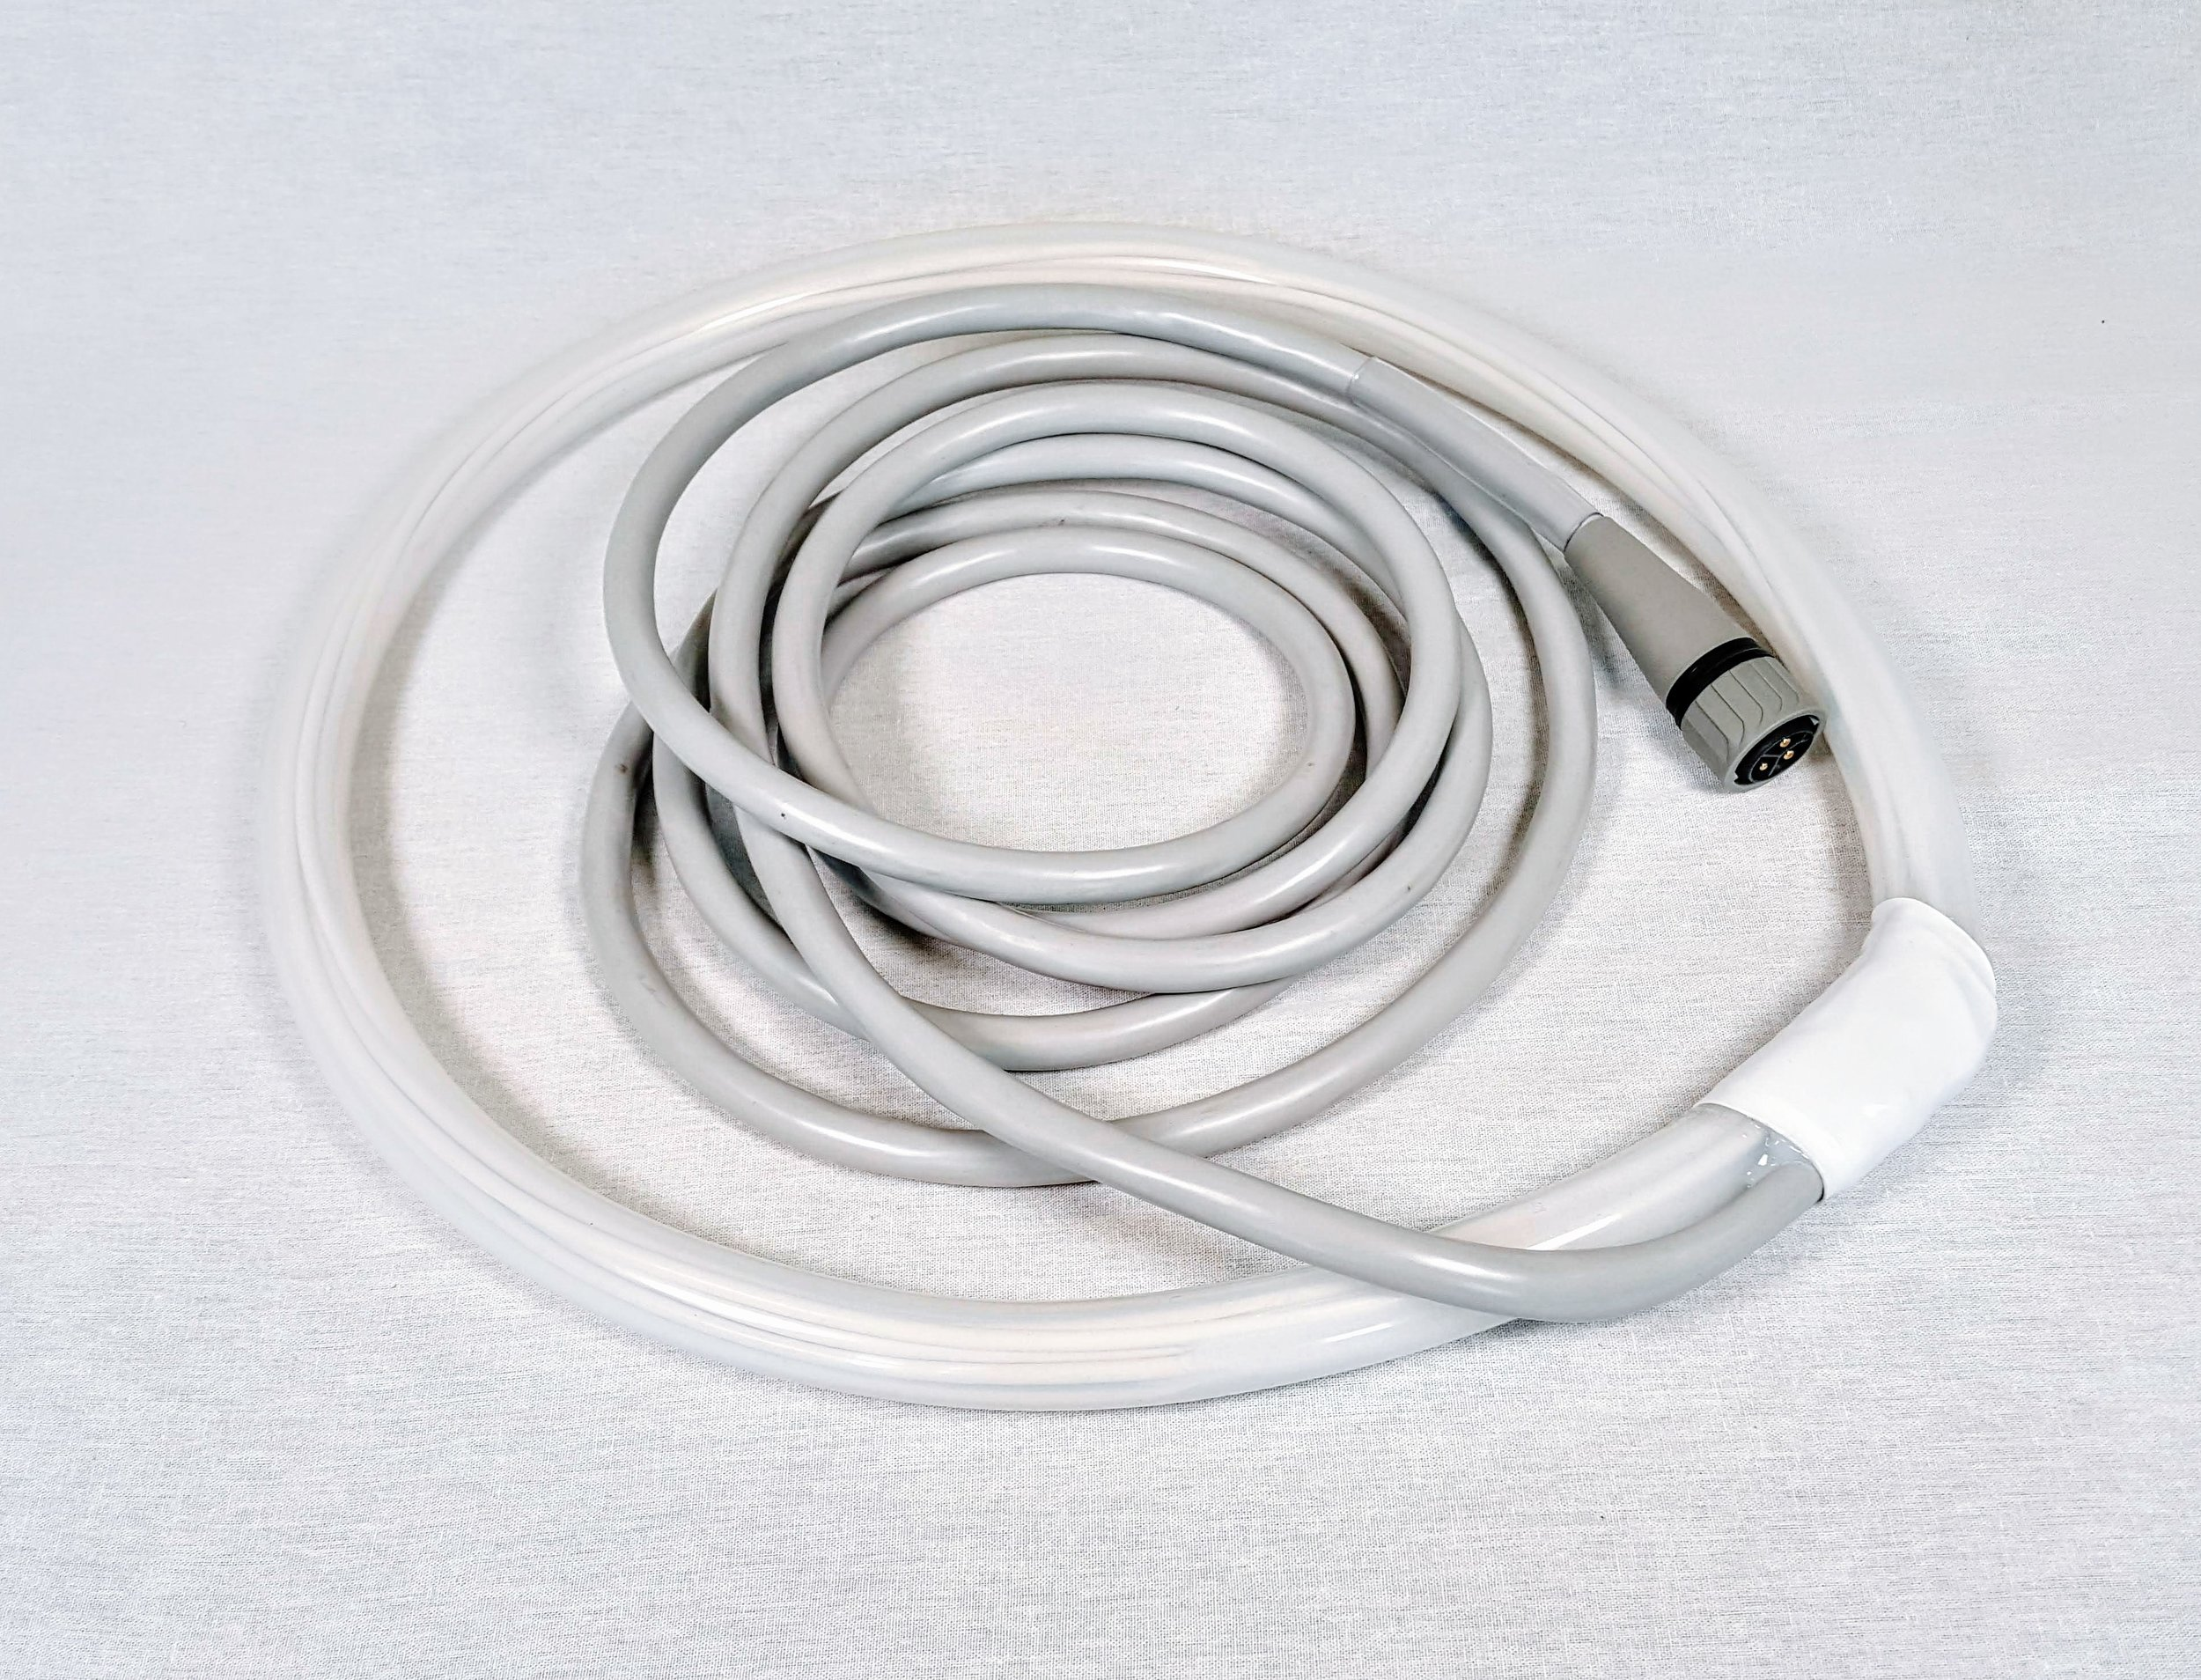 Equine Large Loop - $550.00